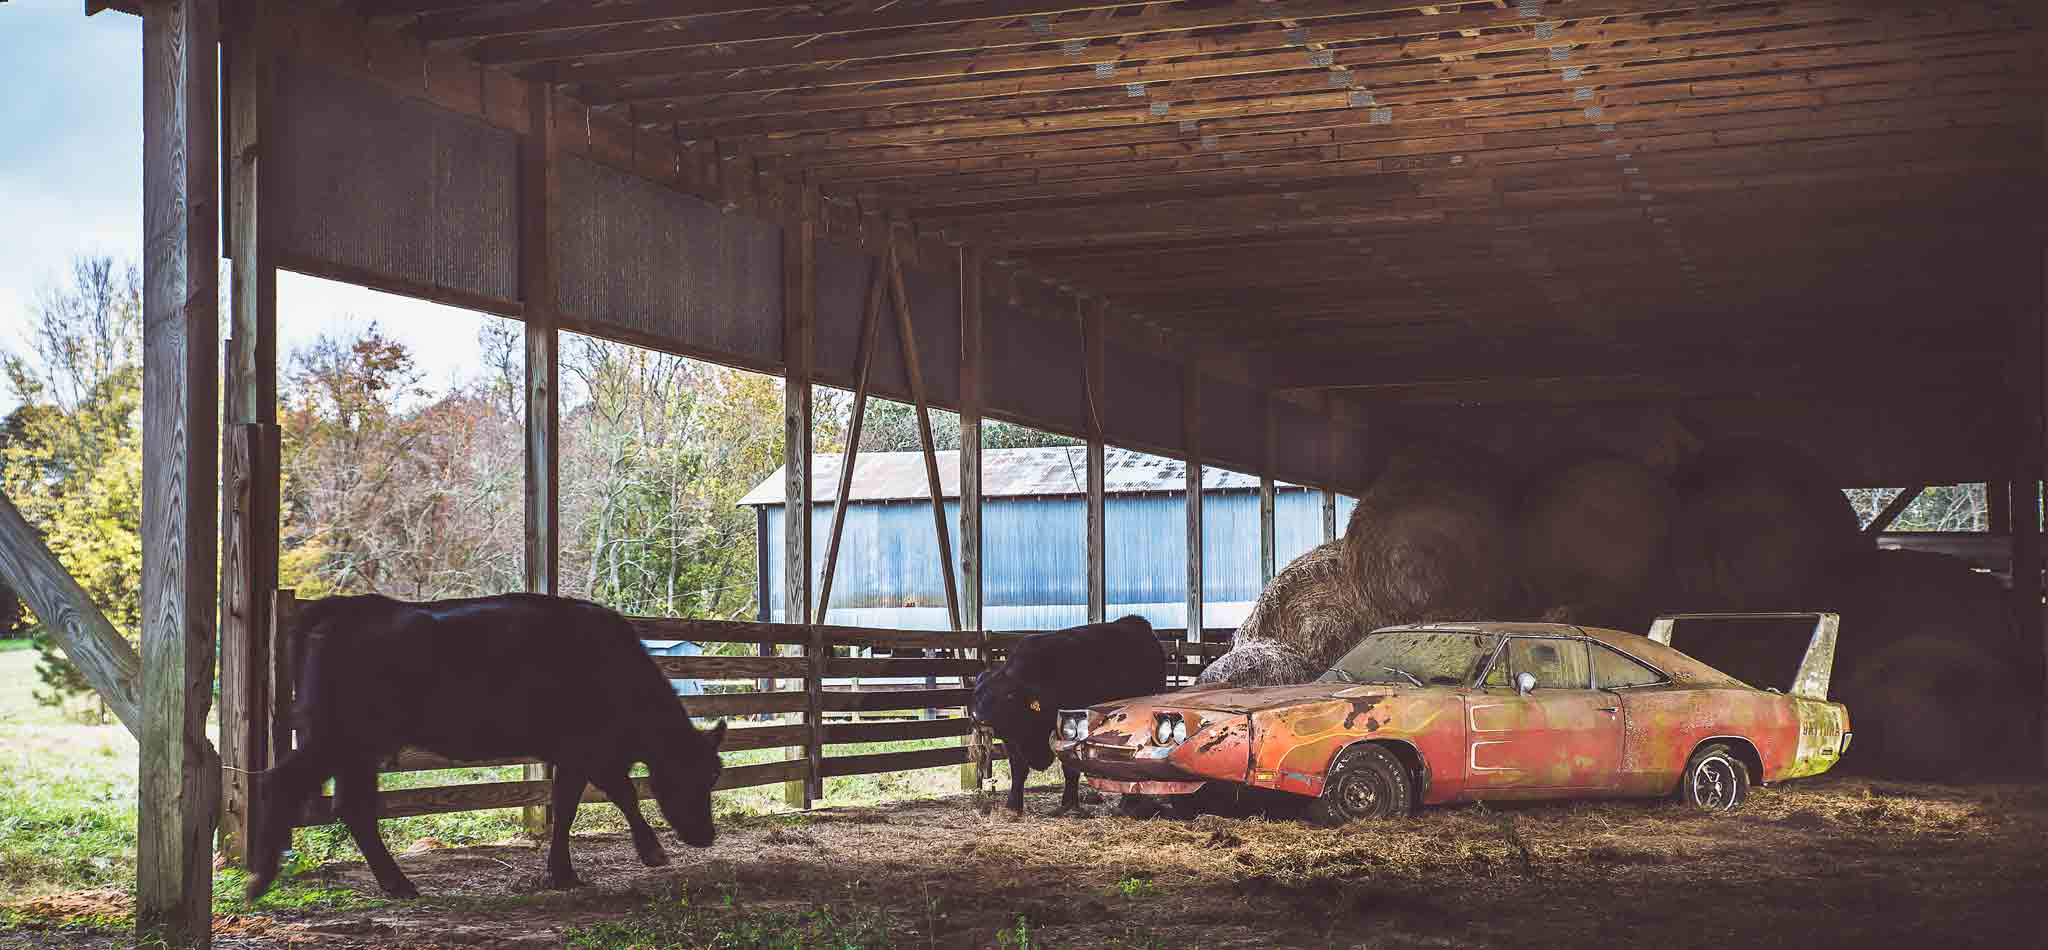 1969 Dodge Daytona Charger Barn Find | Alabama | Photos